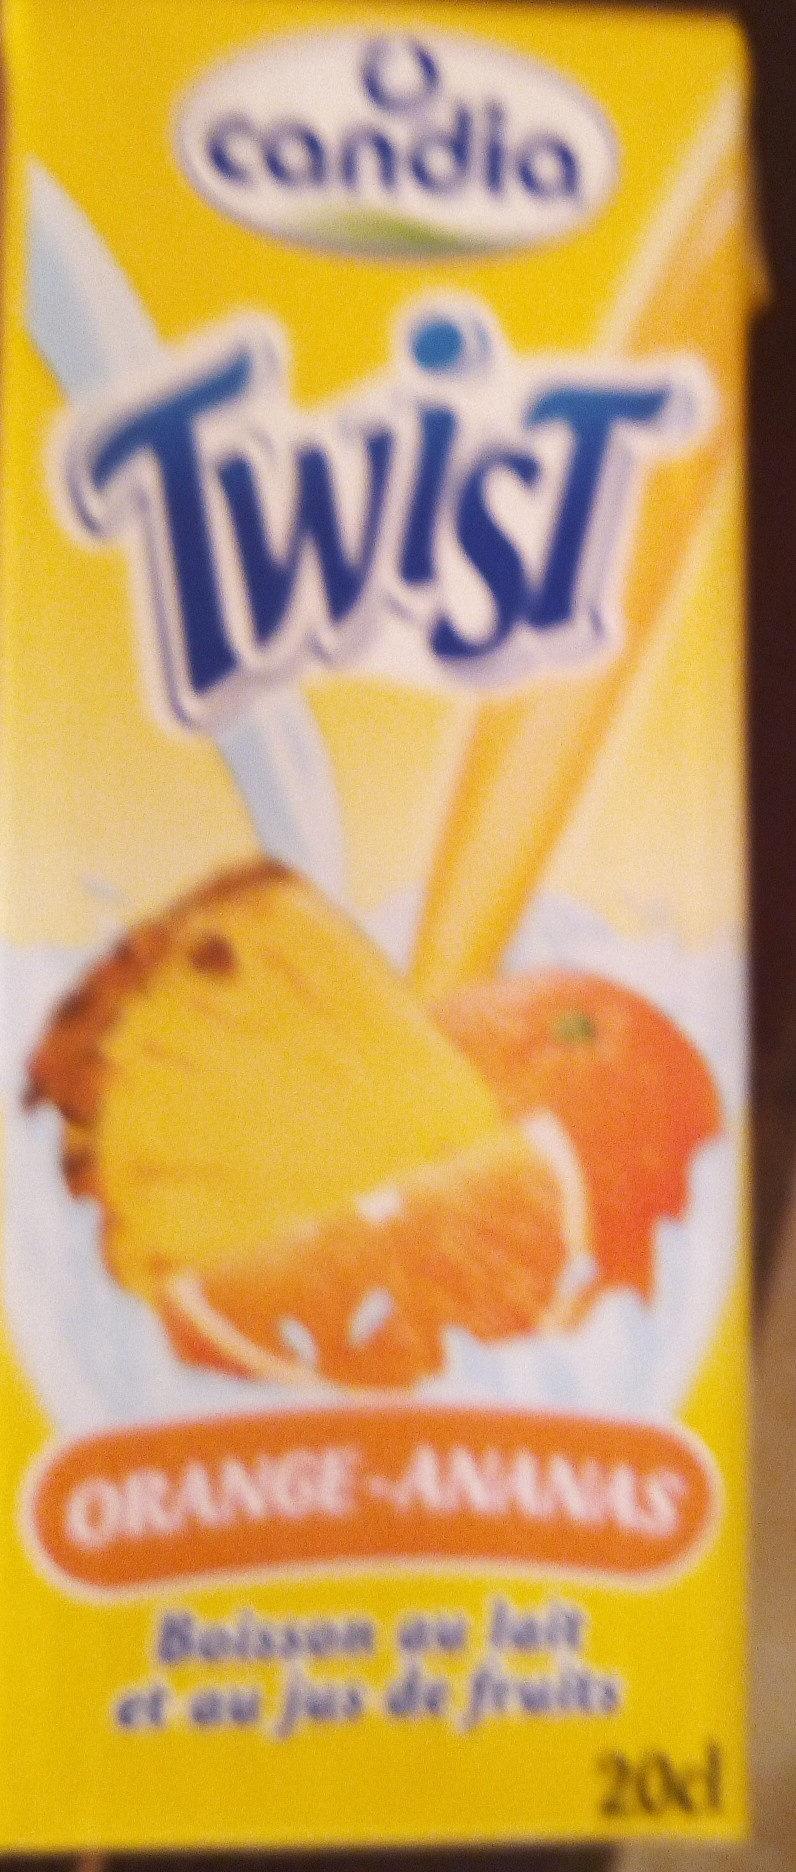 Twist - نتاج - fr